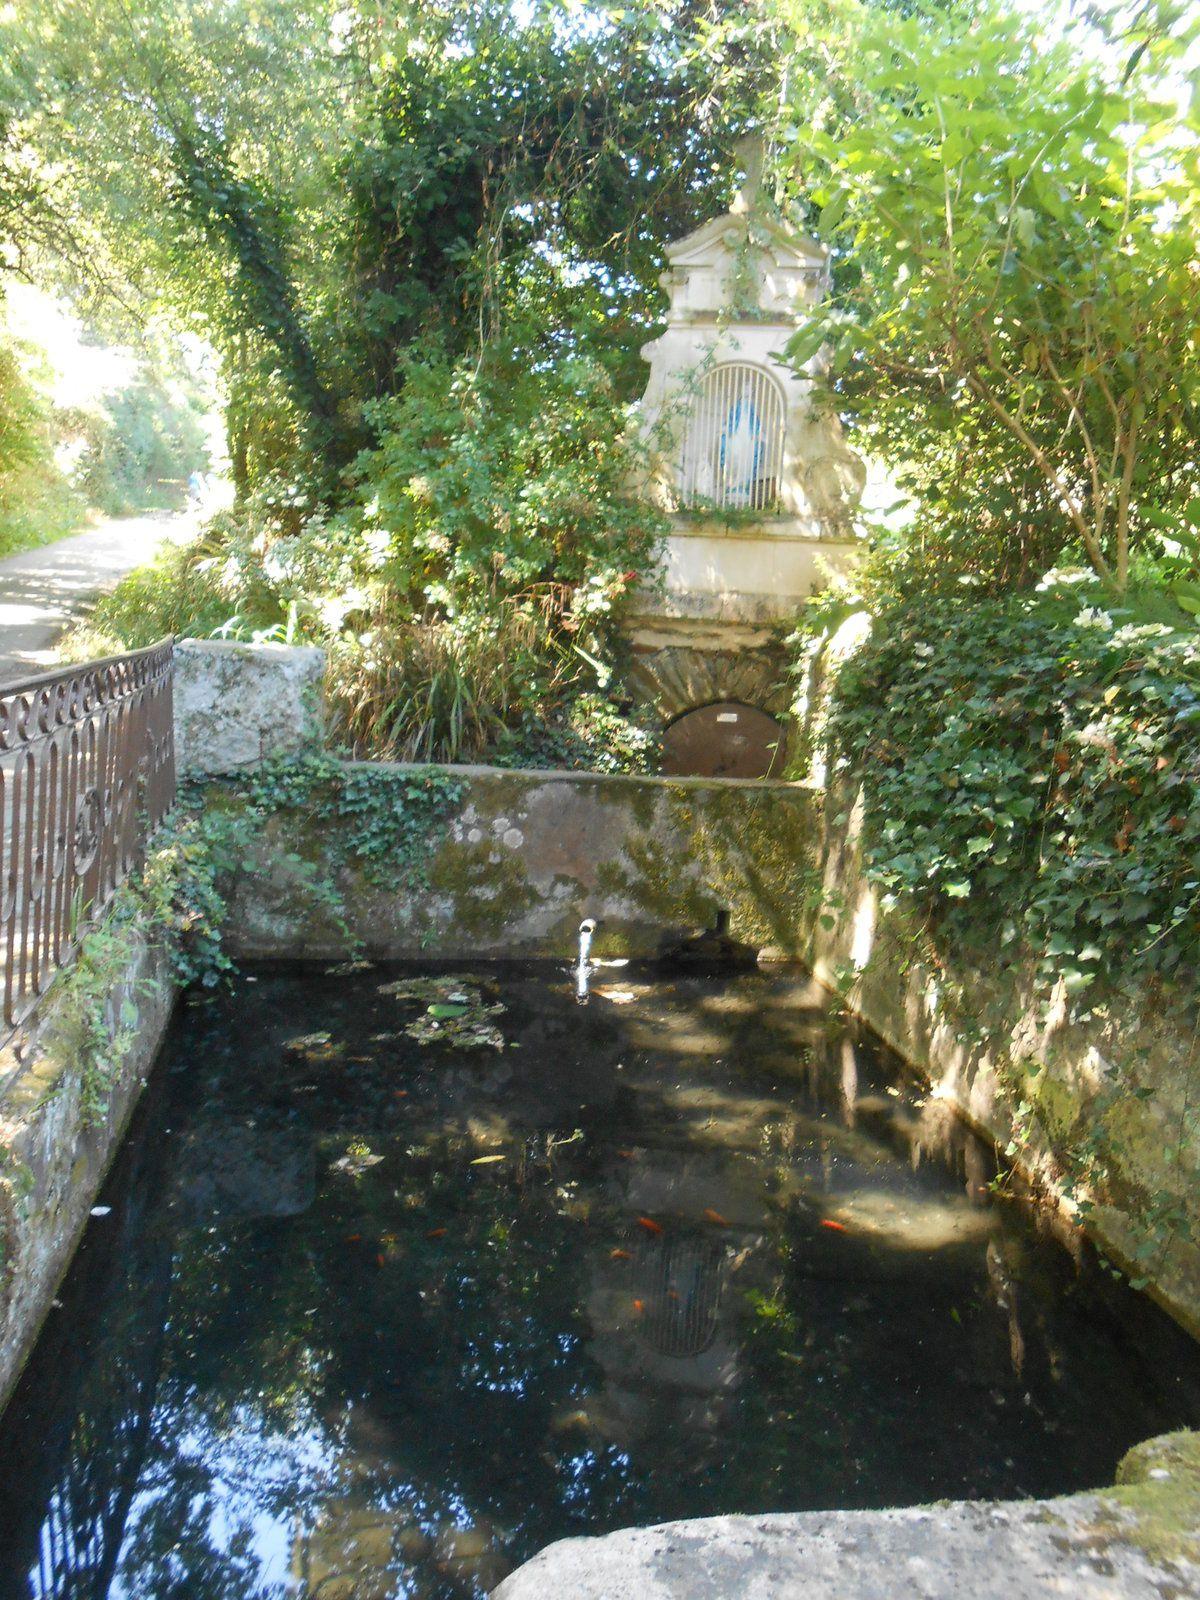 Nouveau circuit des fontaines guérisseuses le 22/07/2017